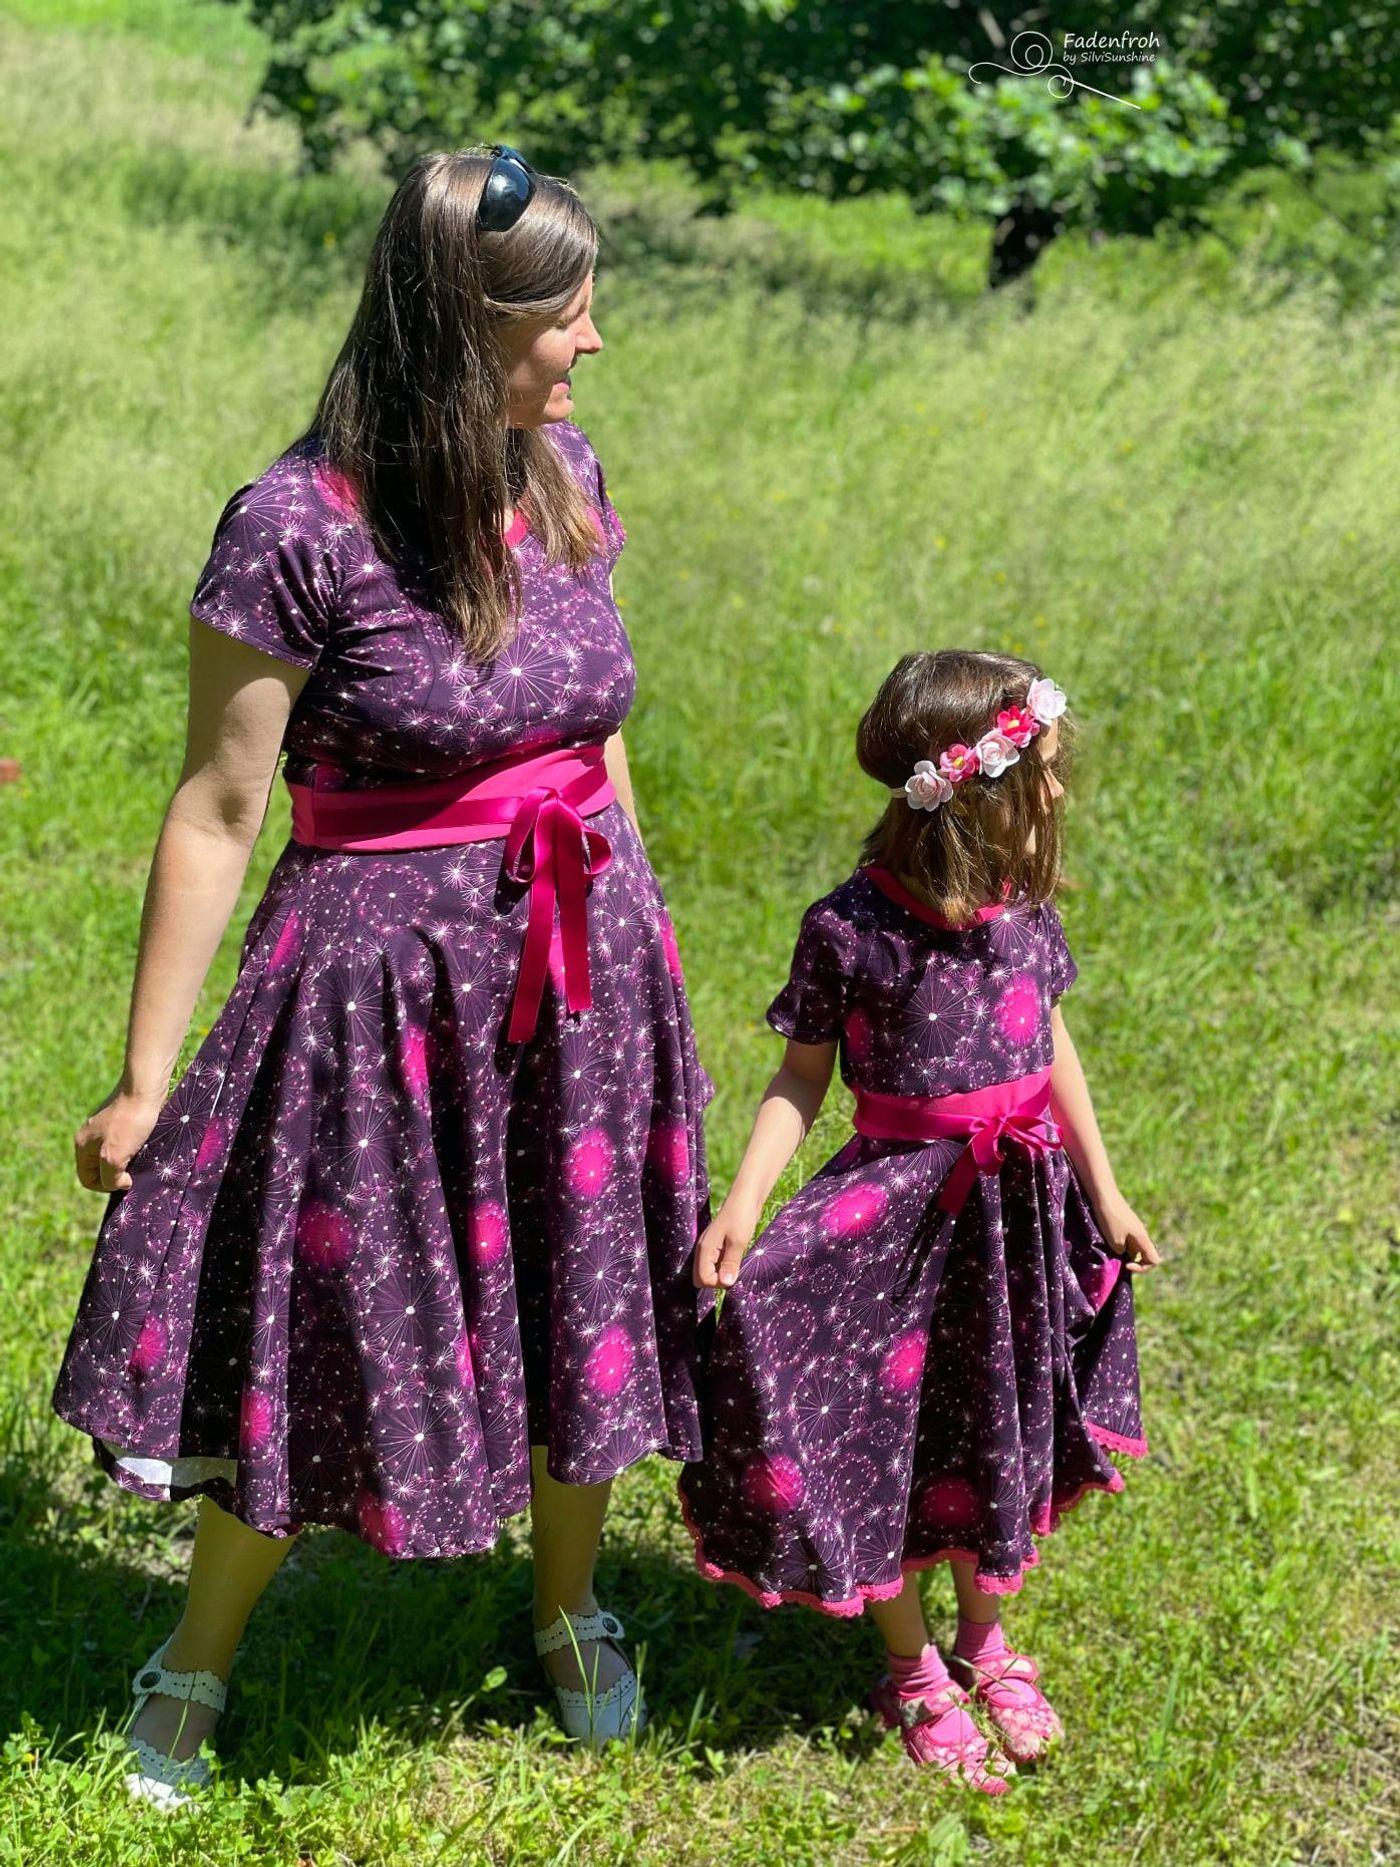 Produktfoto 13 von Rosalieb & Wildblau für Schnittmuster Kombi-Ebook Lillibee Damen und Mädchen